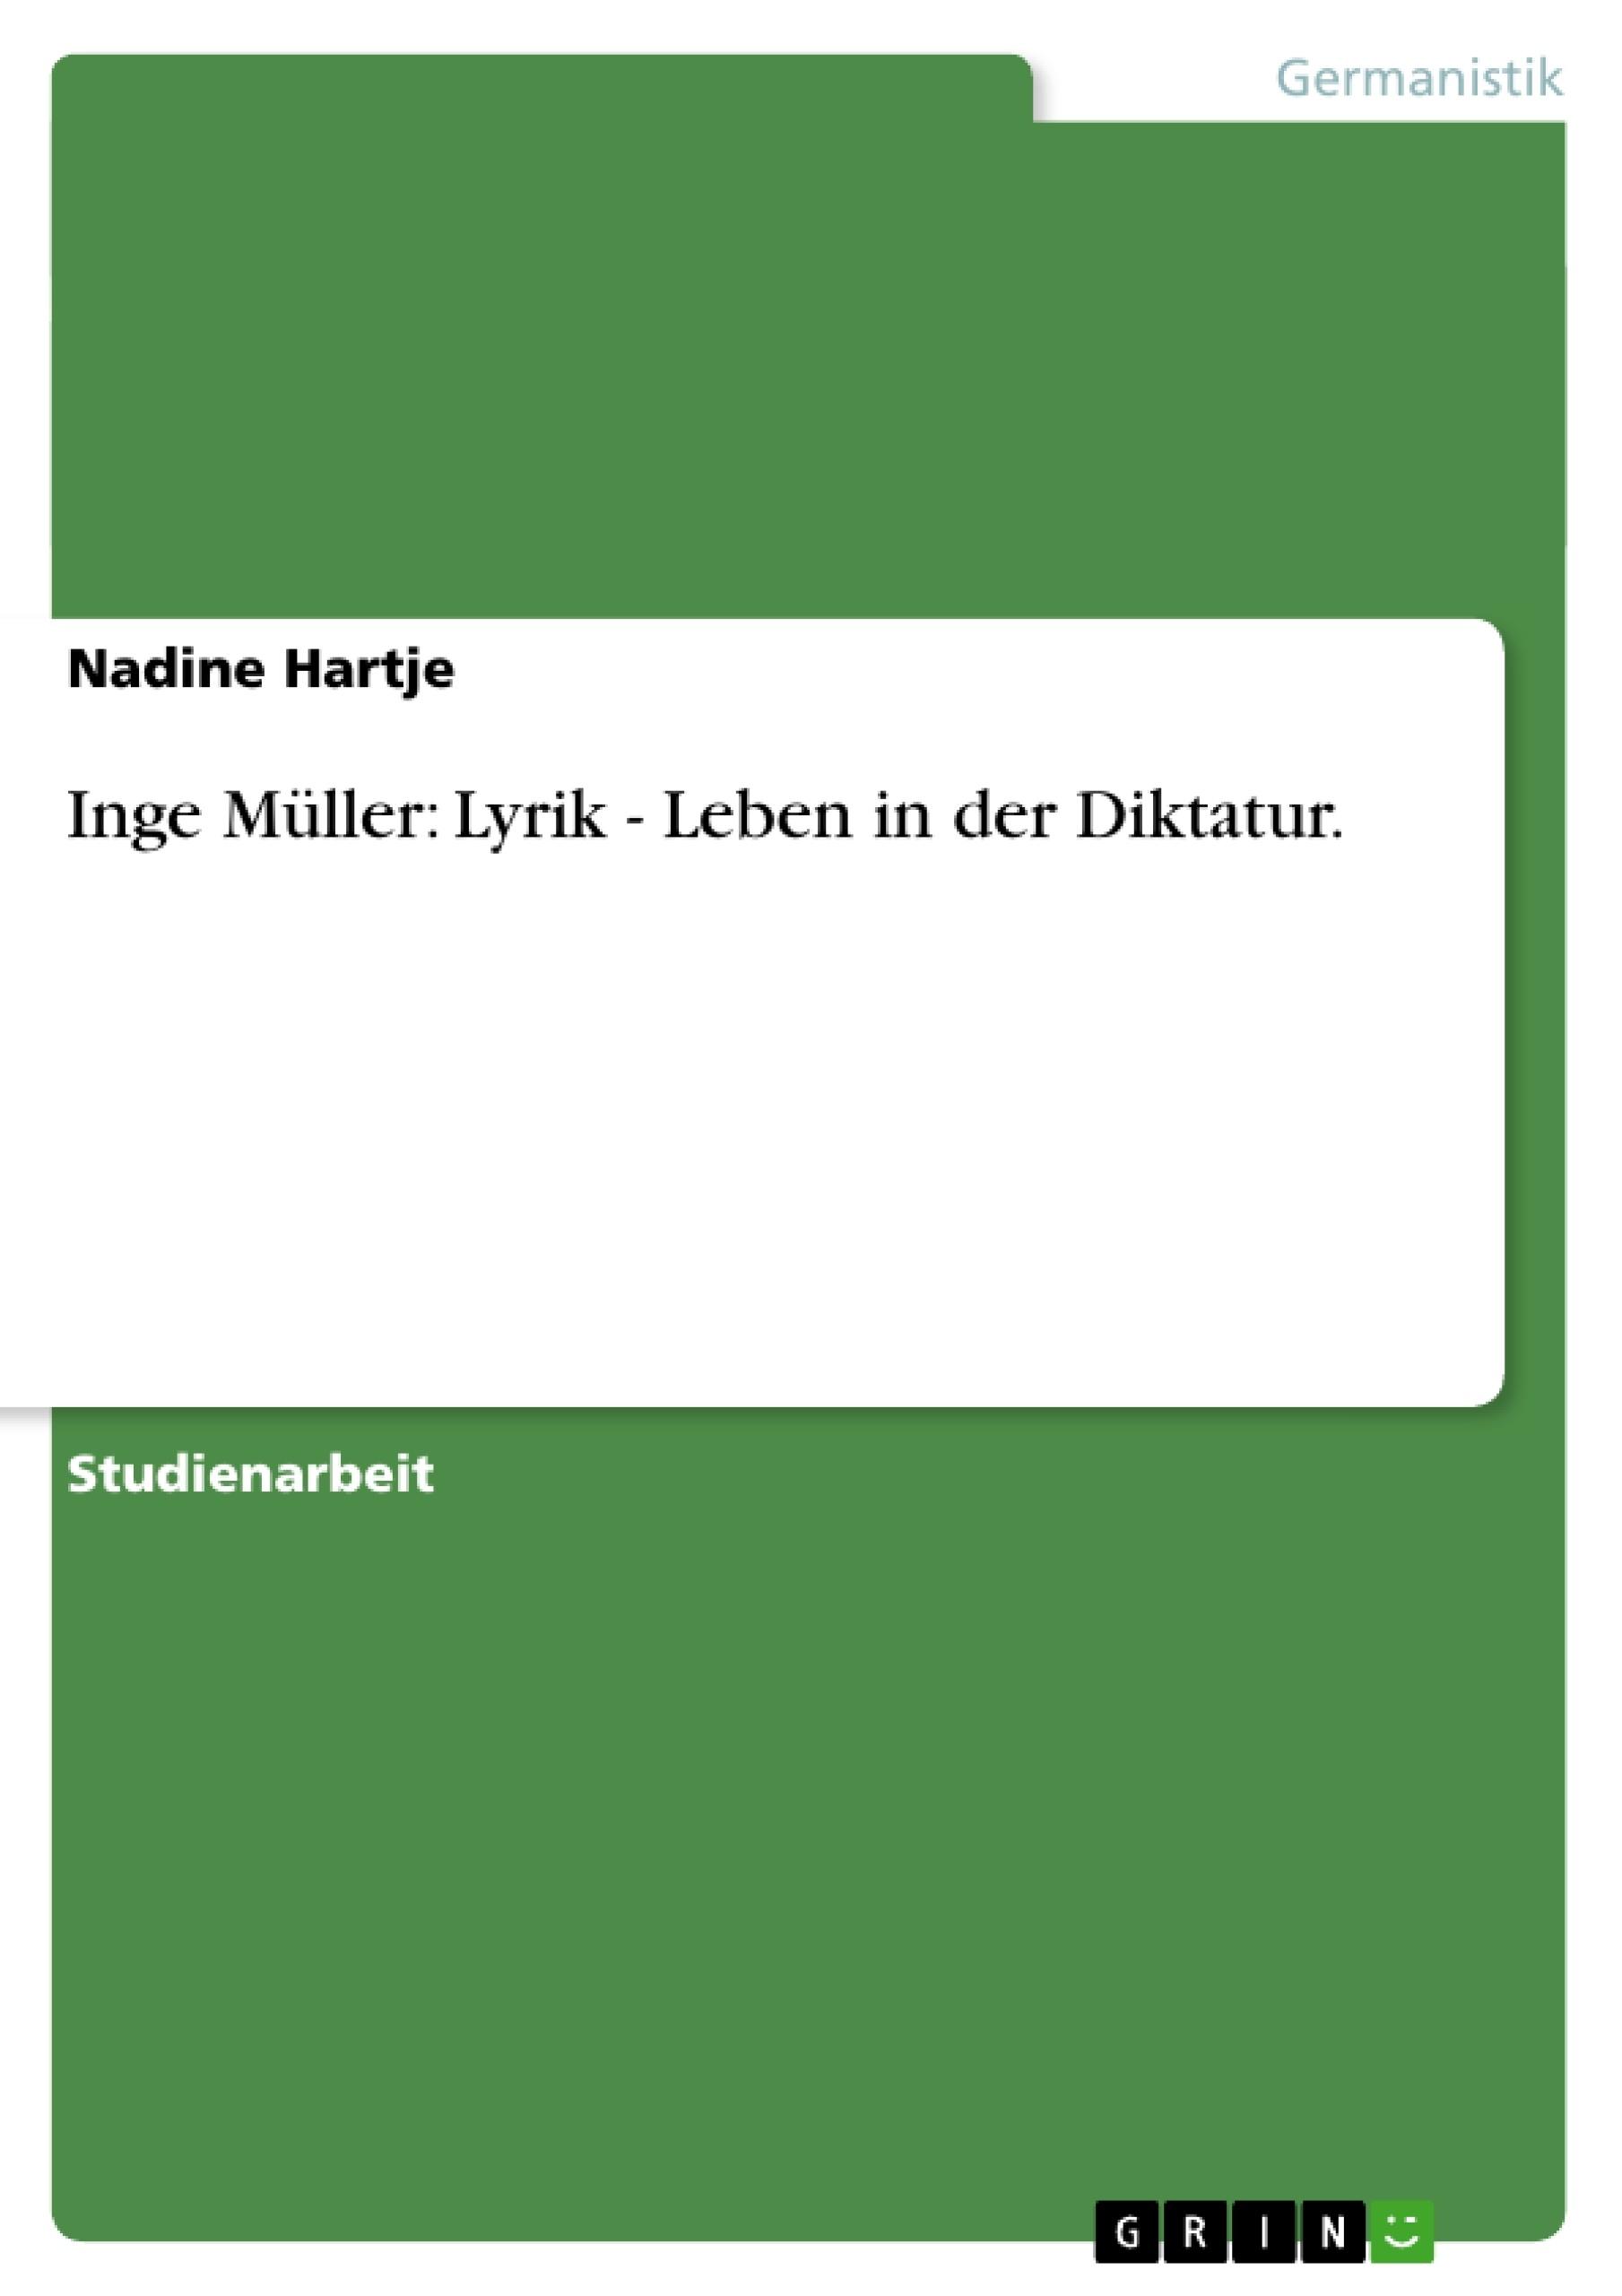 Titel: Inge Müller: Lyrik - Leben in der Diktatur.